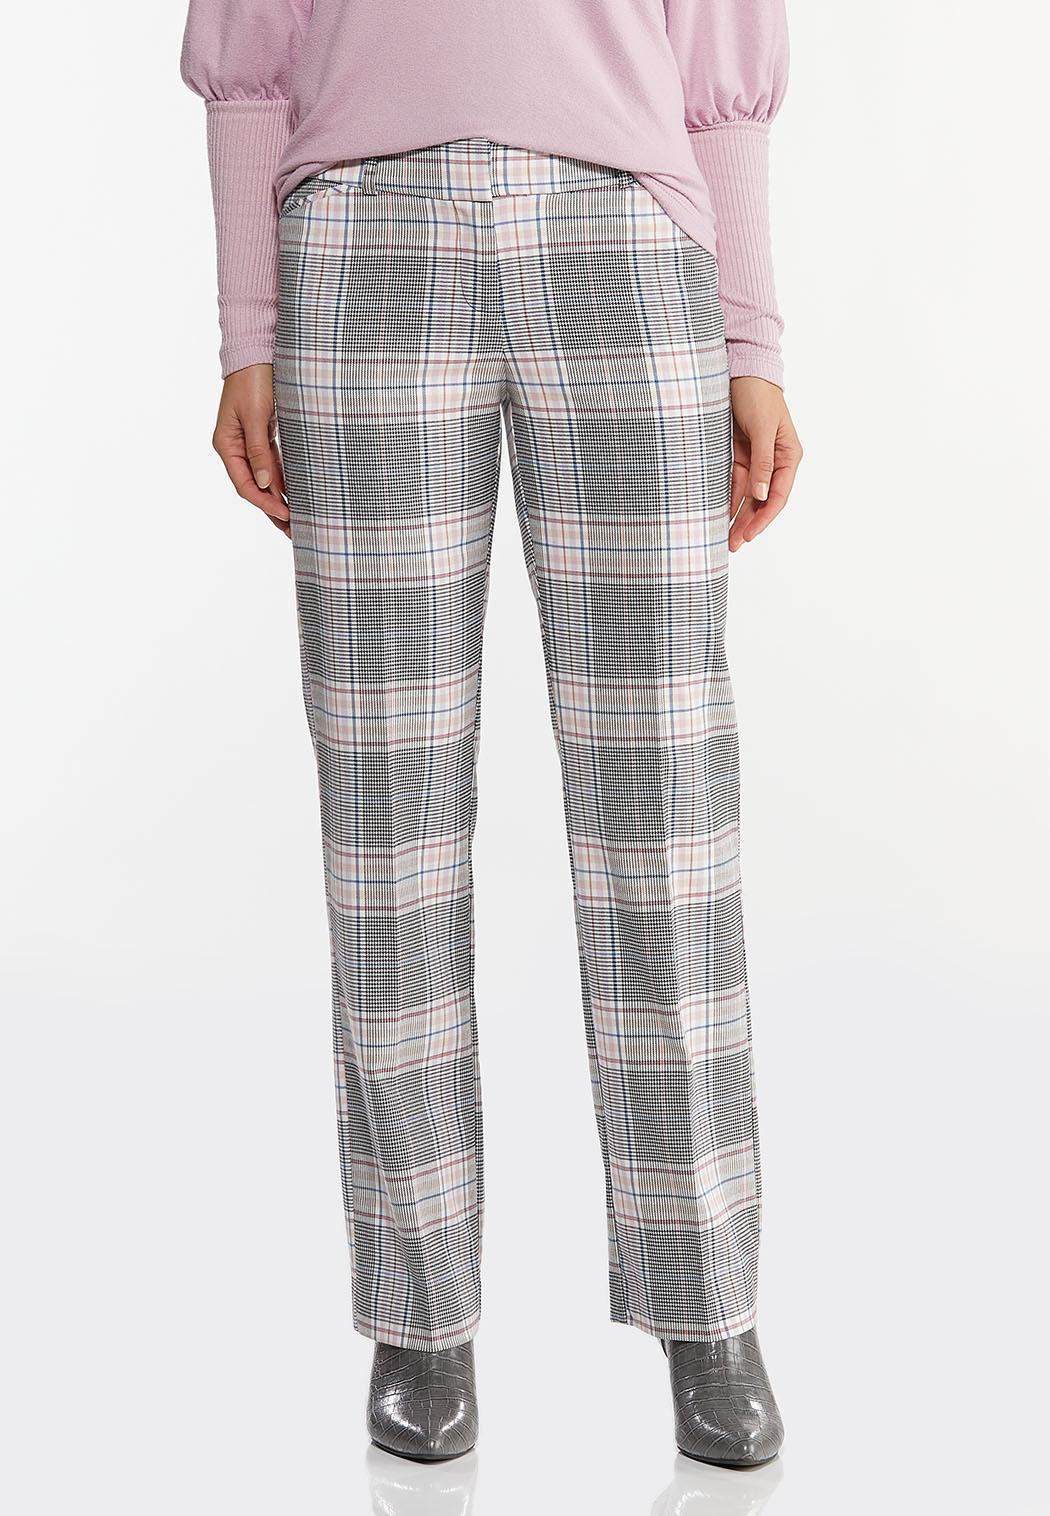 Lavender Plaid Trouser Pants